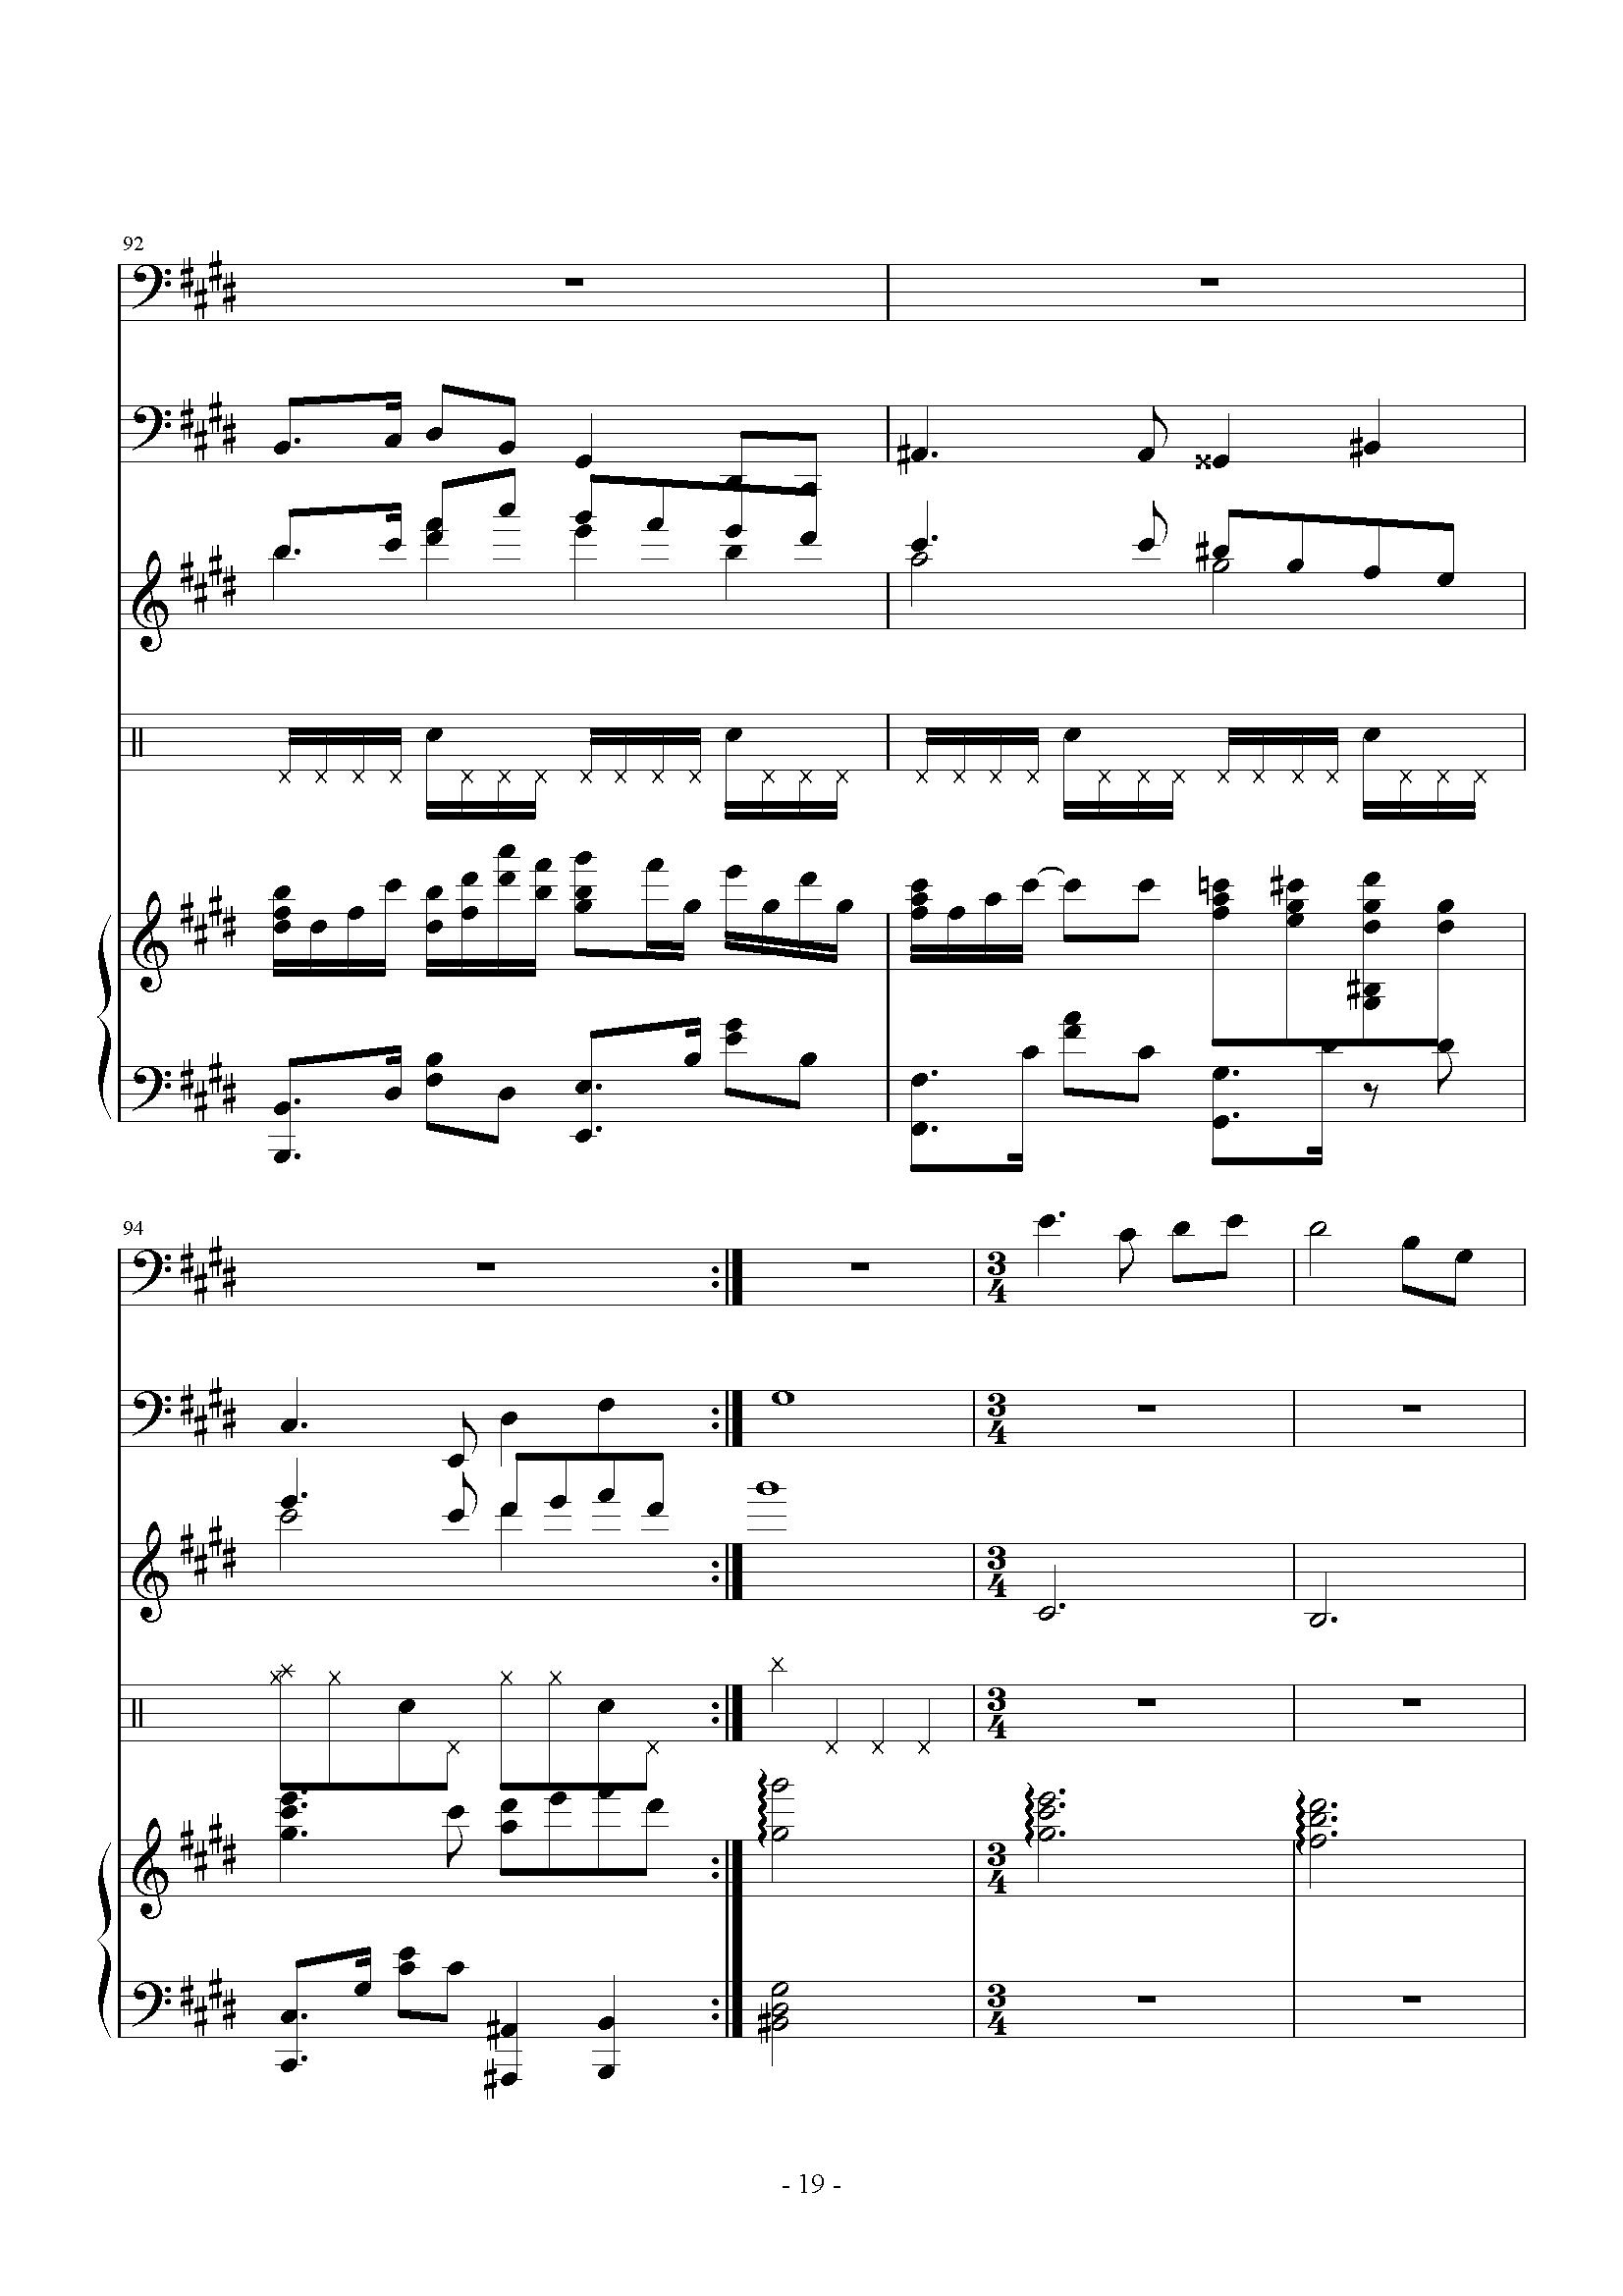 褪色的夏天钢琴谱 第19页